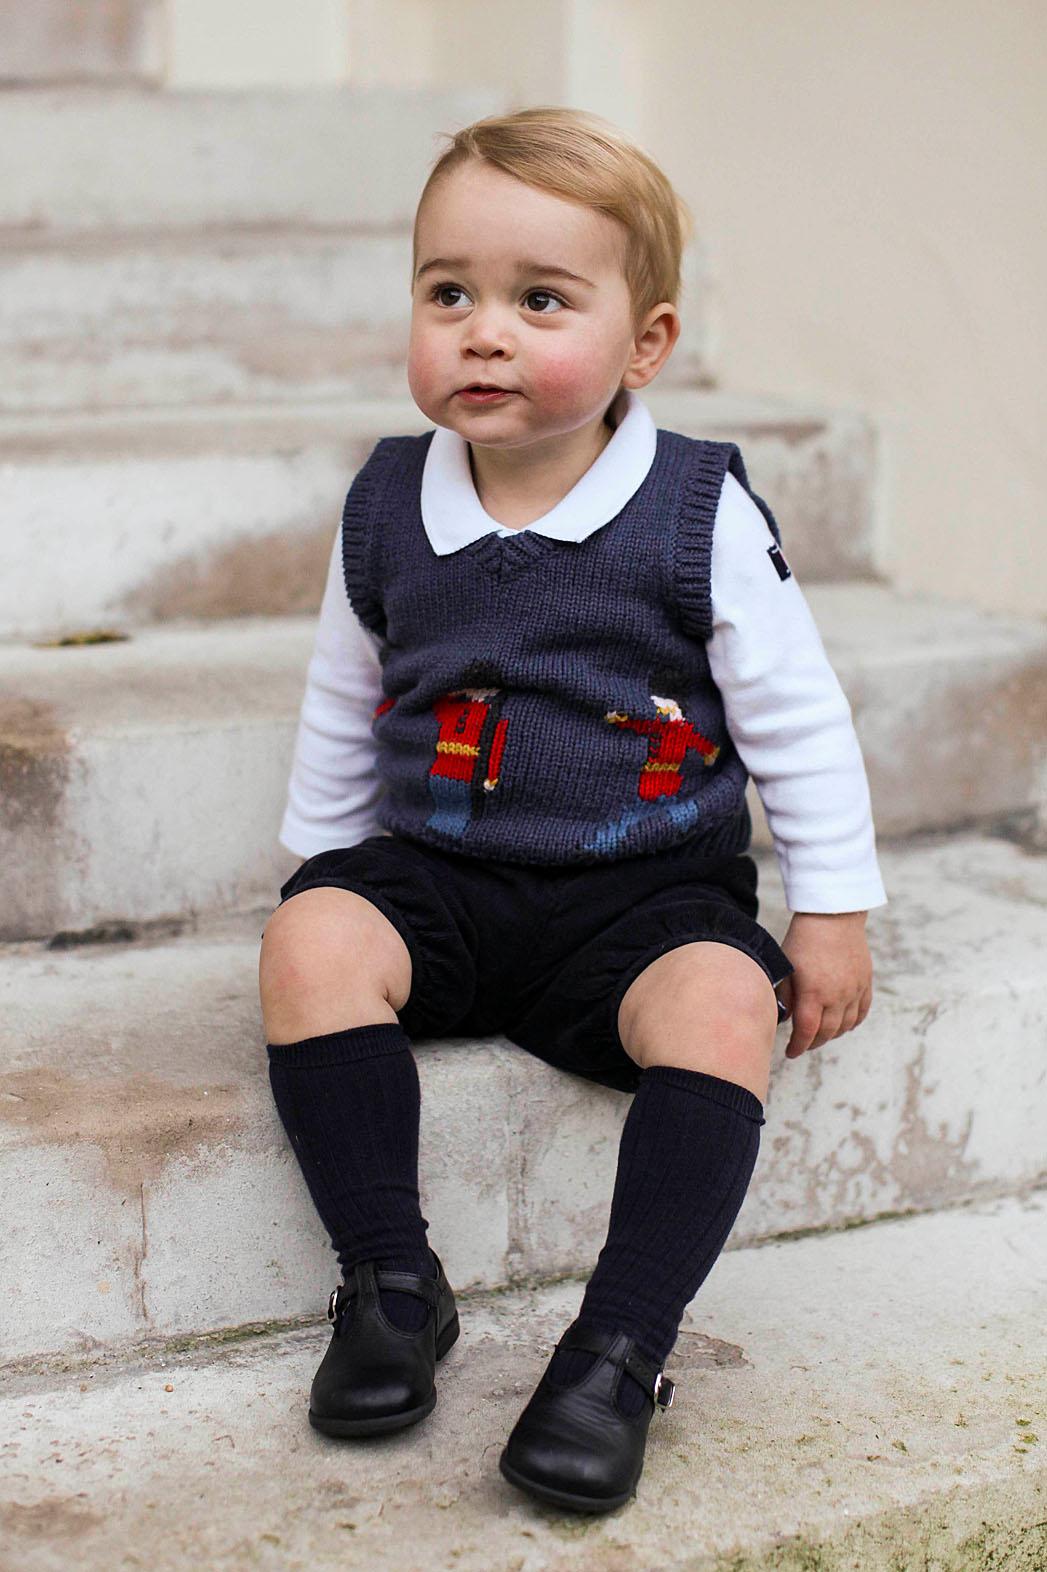 Prince George Christmas Photos - P 2014